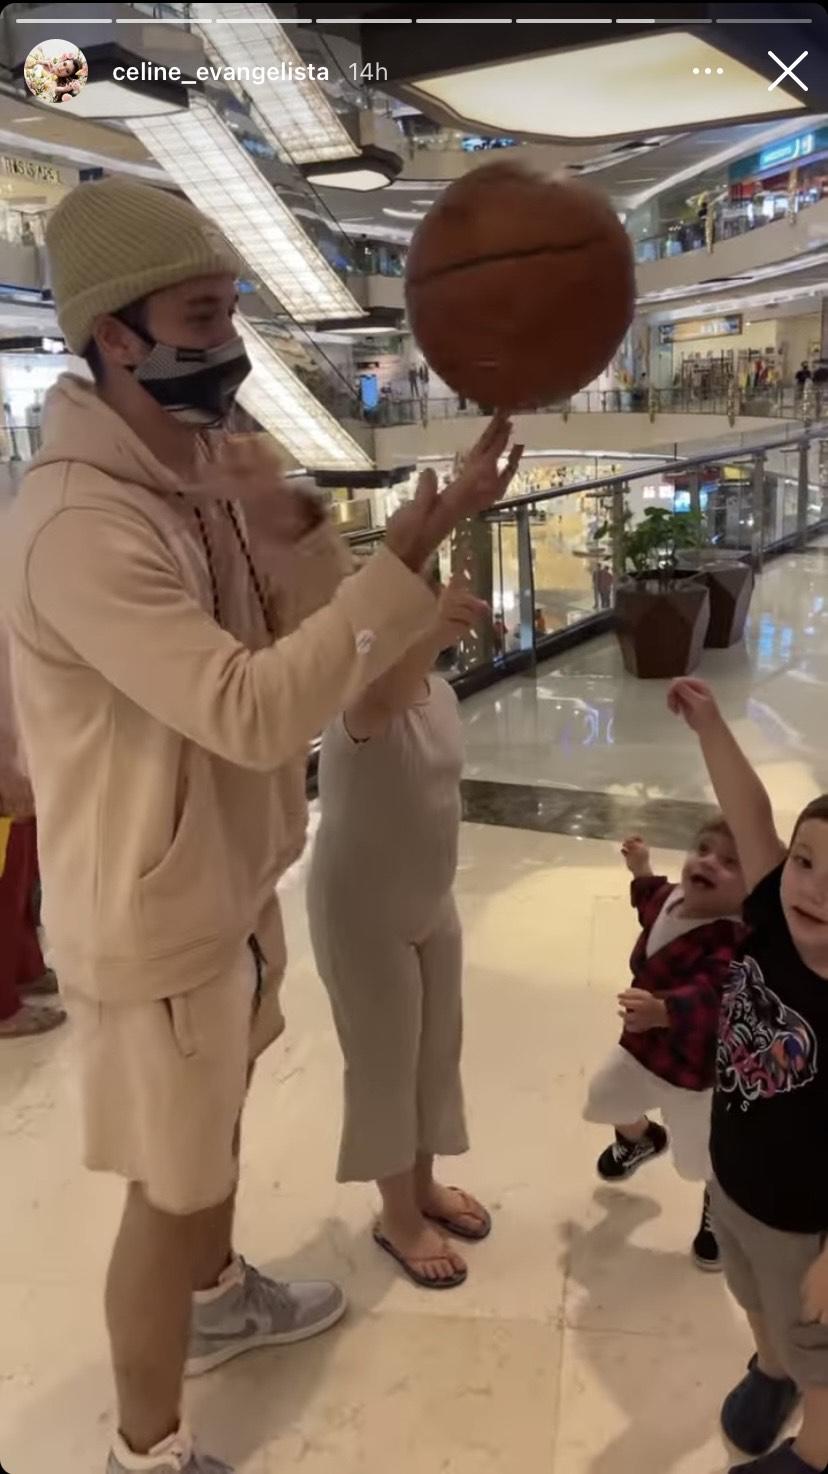 Celine Evangelista rekam Stefan William sedang bermain bersama anak-anak